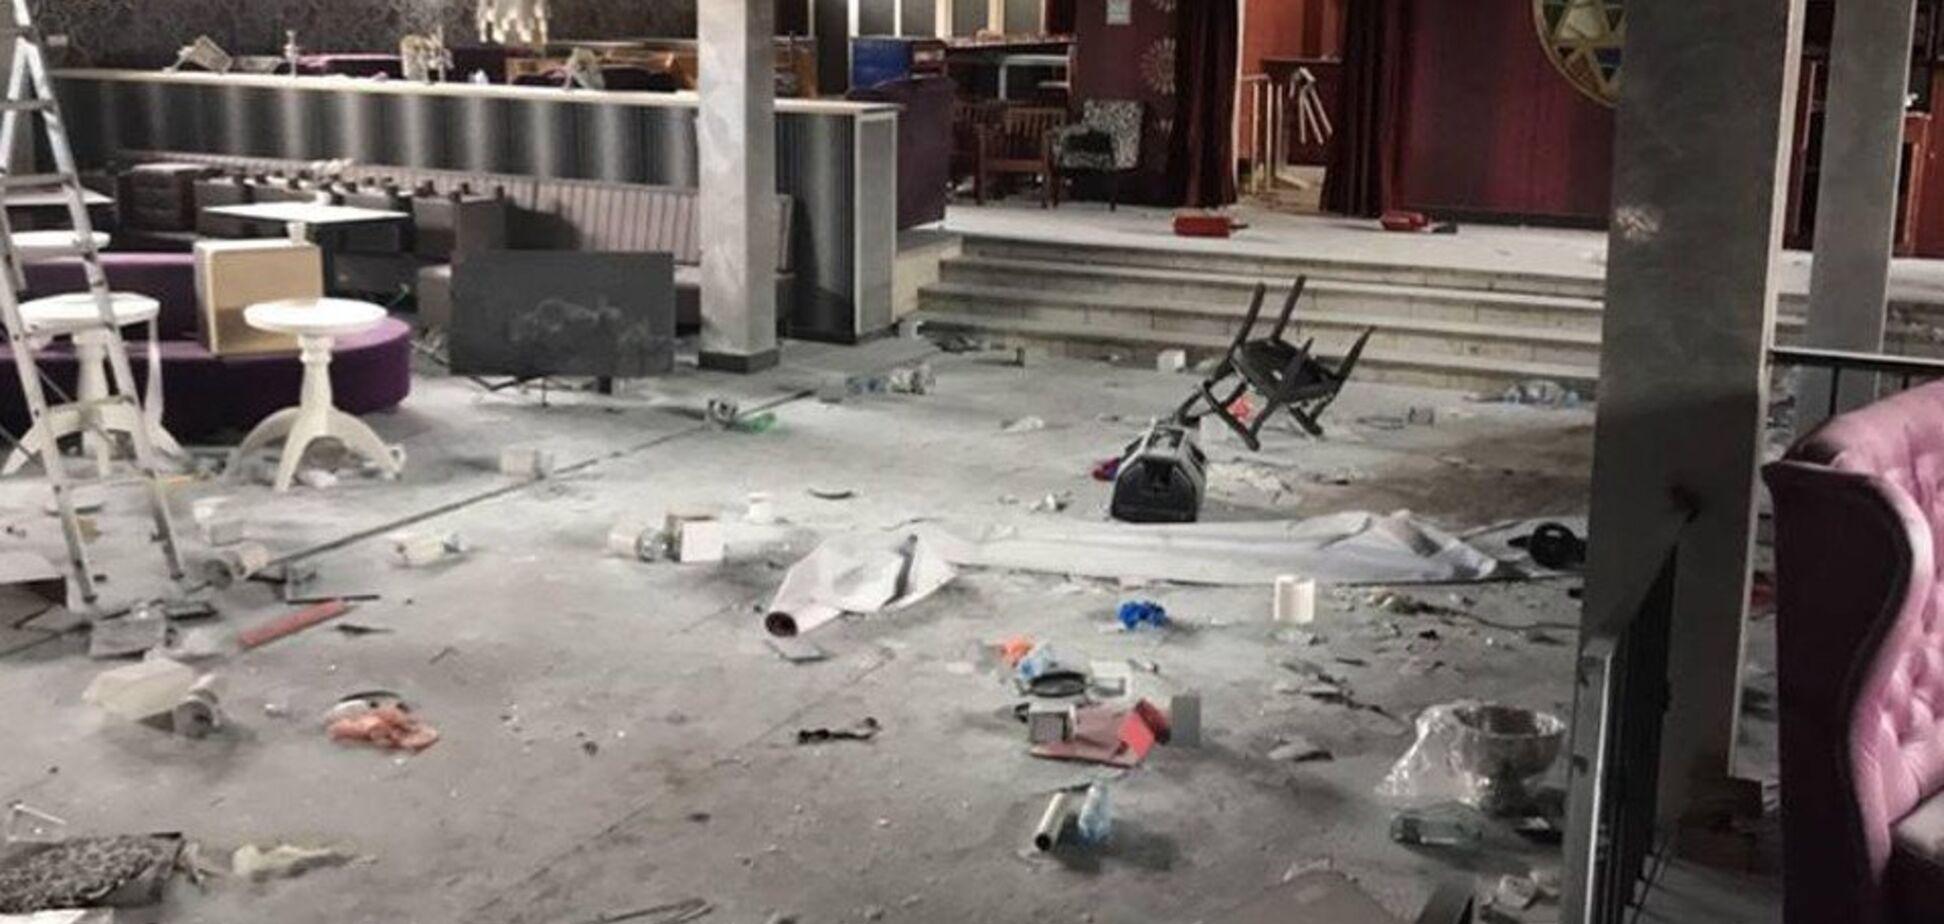 Ущерб на два миллиона: в Крыму школьники придумали странное развлечение